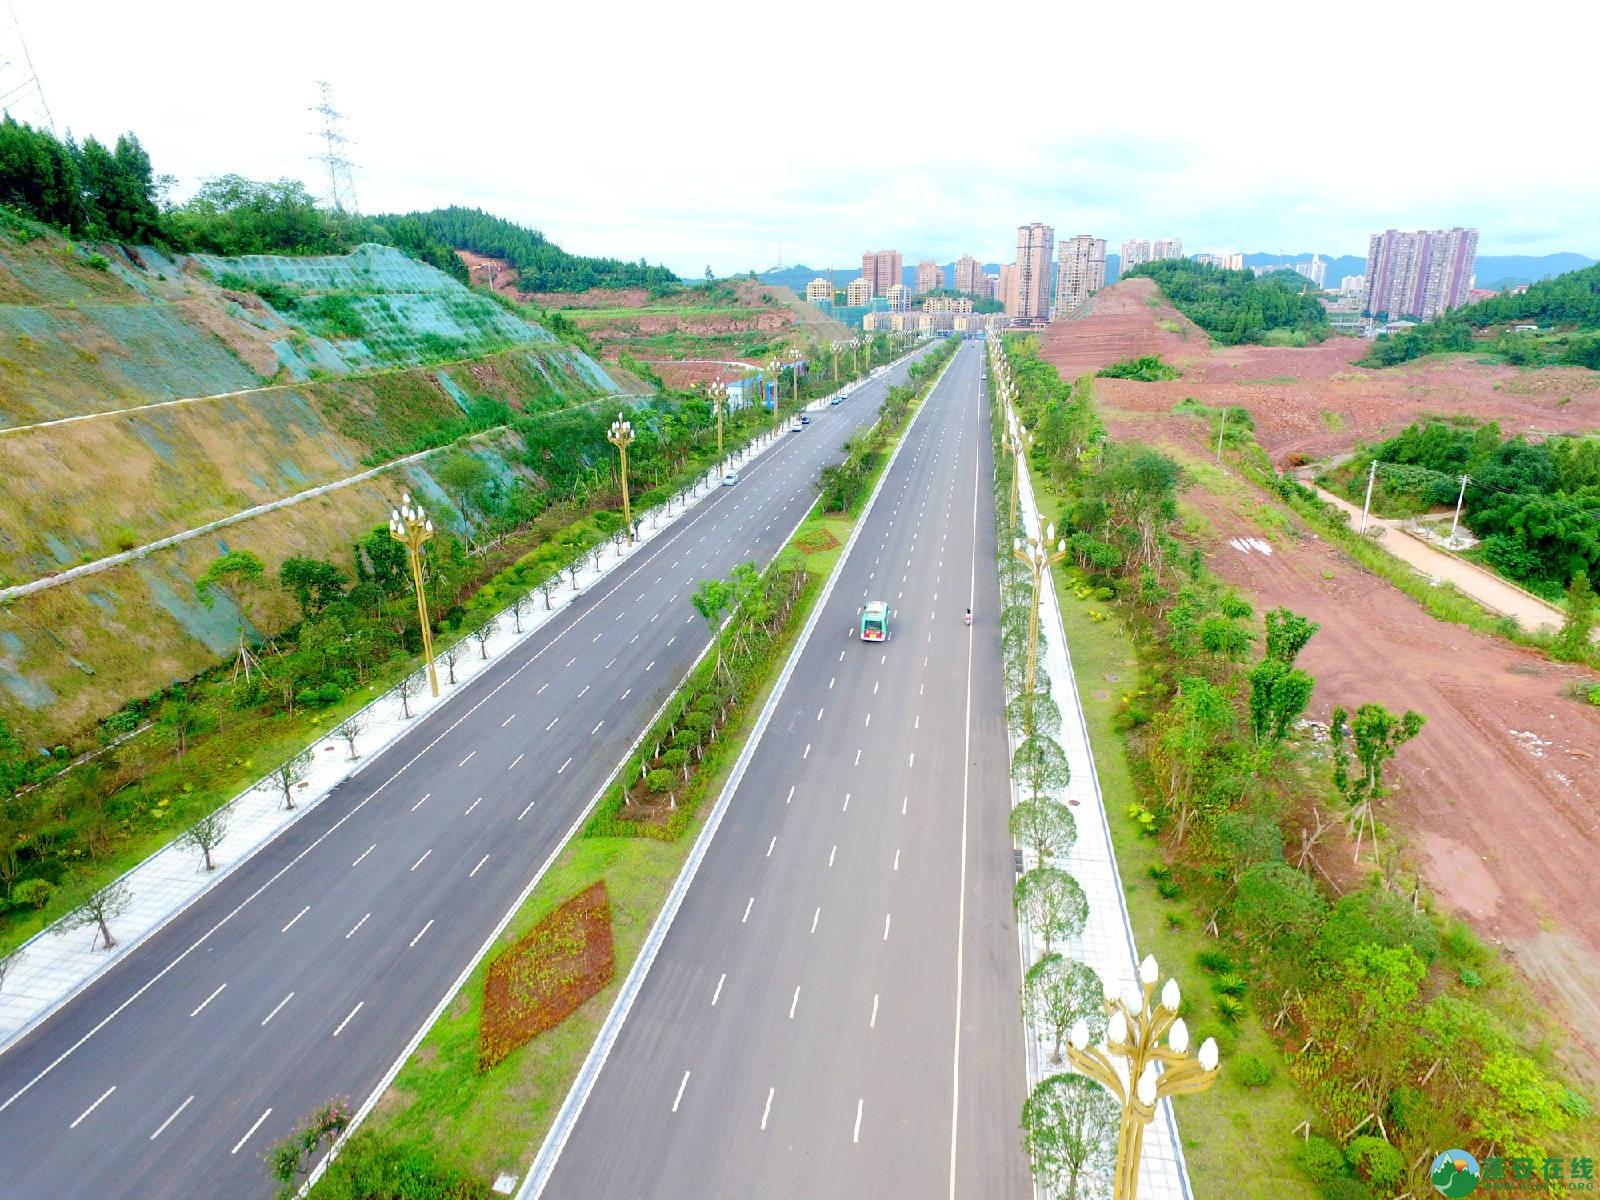 顺蓬营一级公路蓬安段、青云大道二期道路最新进展(2019.8.29) - 第13张  | 蓬安在线